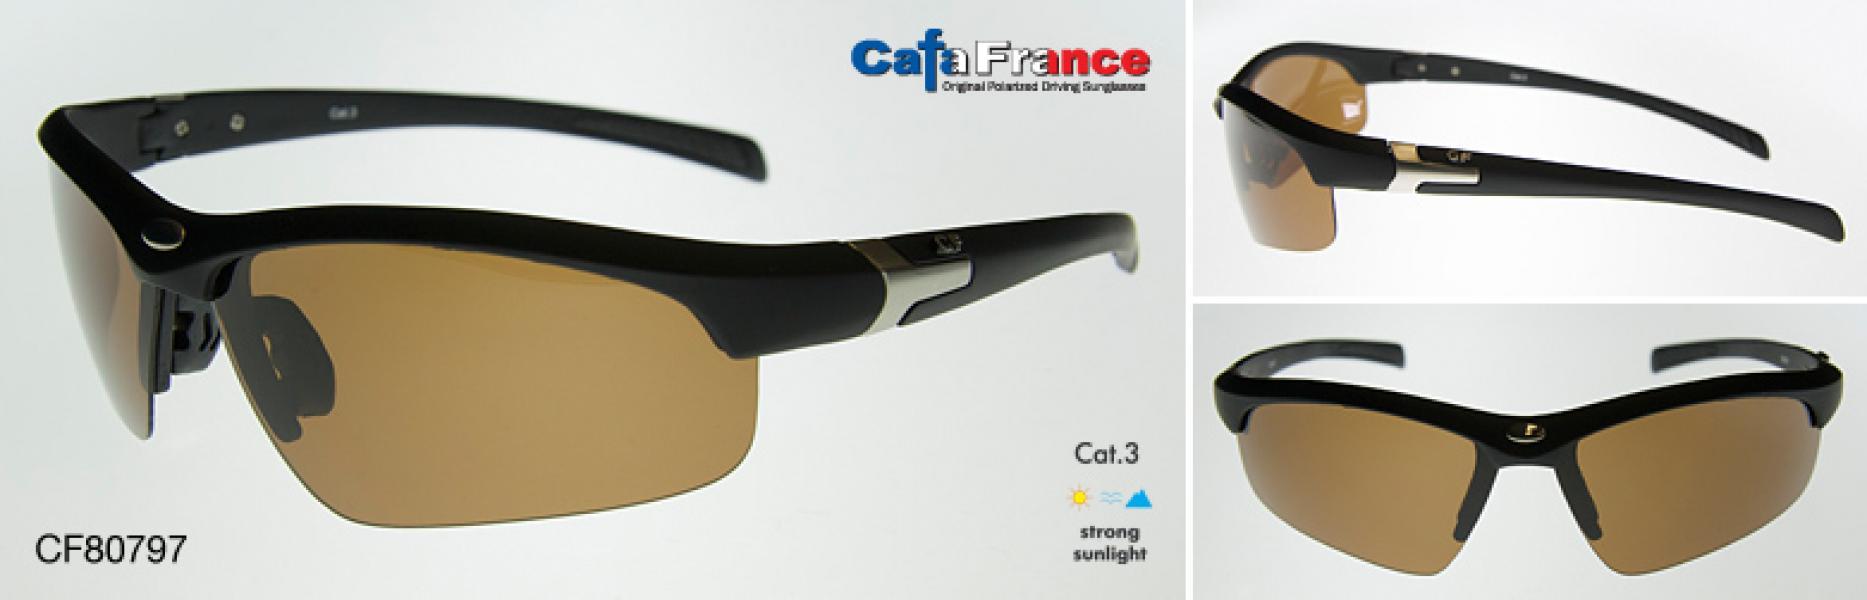 Очки поляризационные мужские Cafa France cf80797